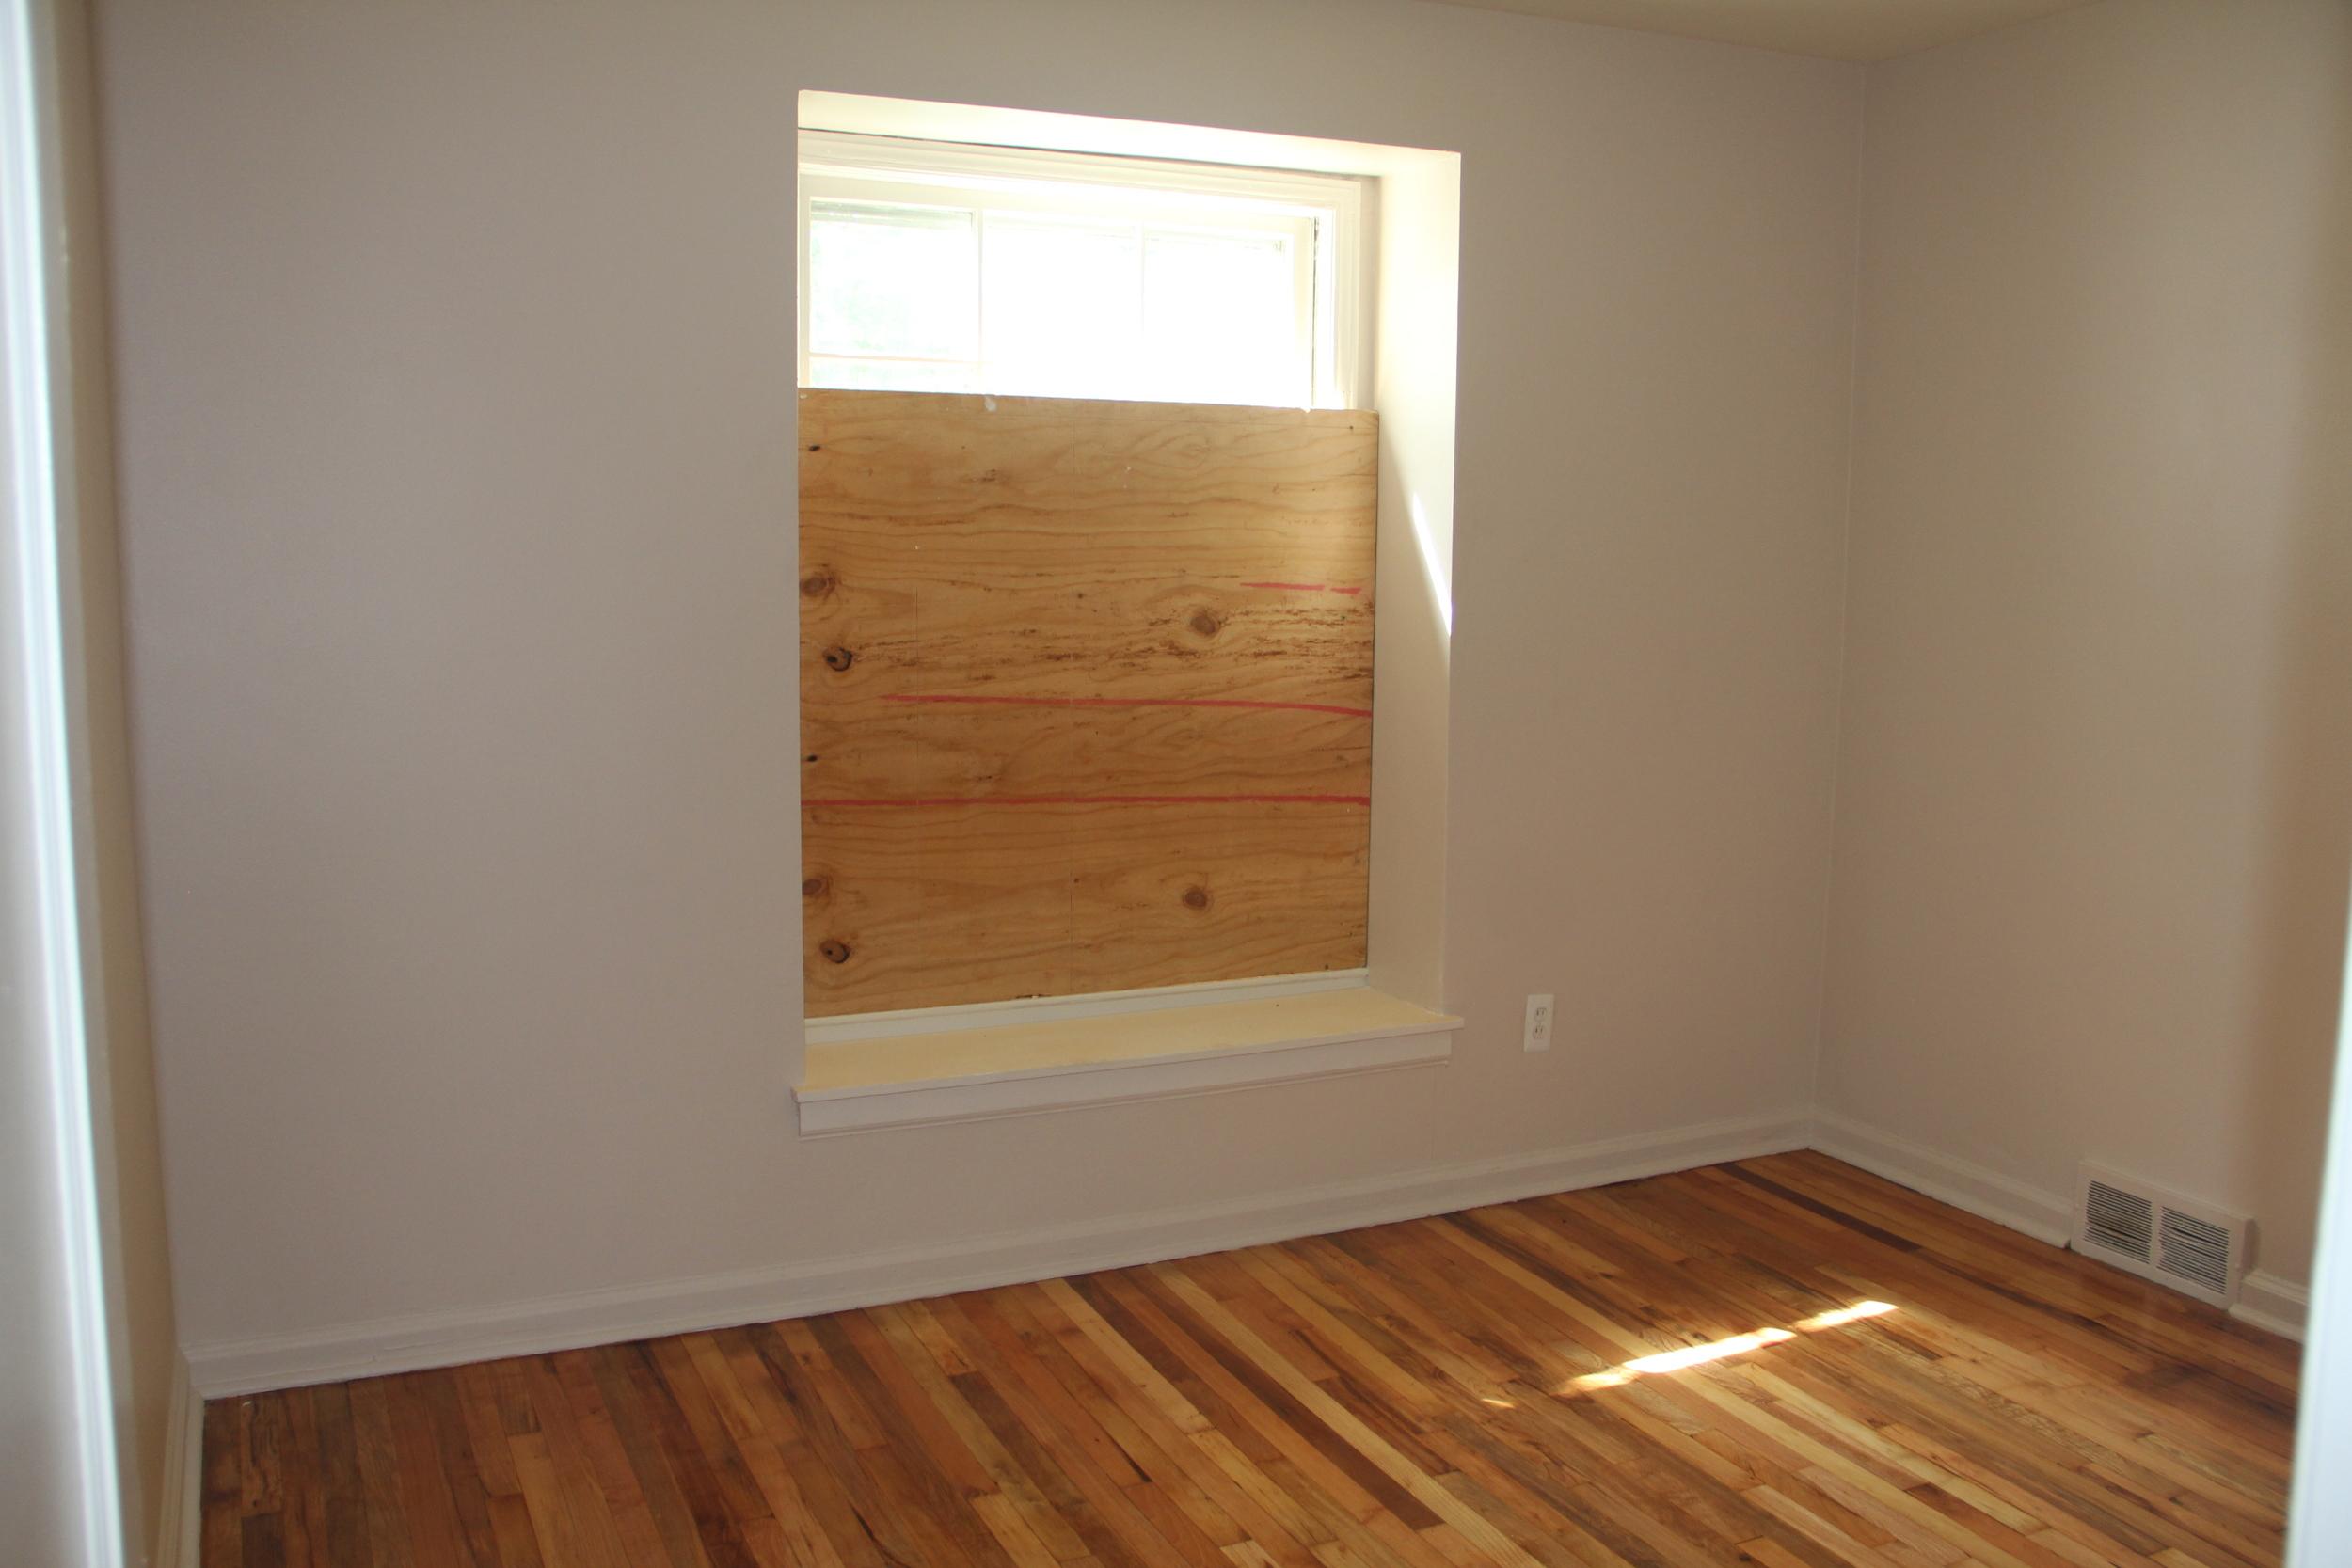 18412 Steel-Bedroom (9).JPG